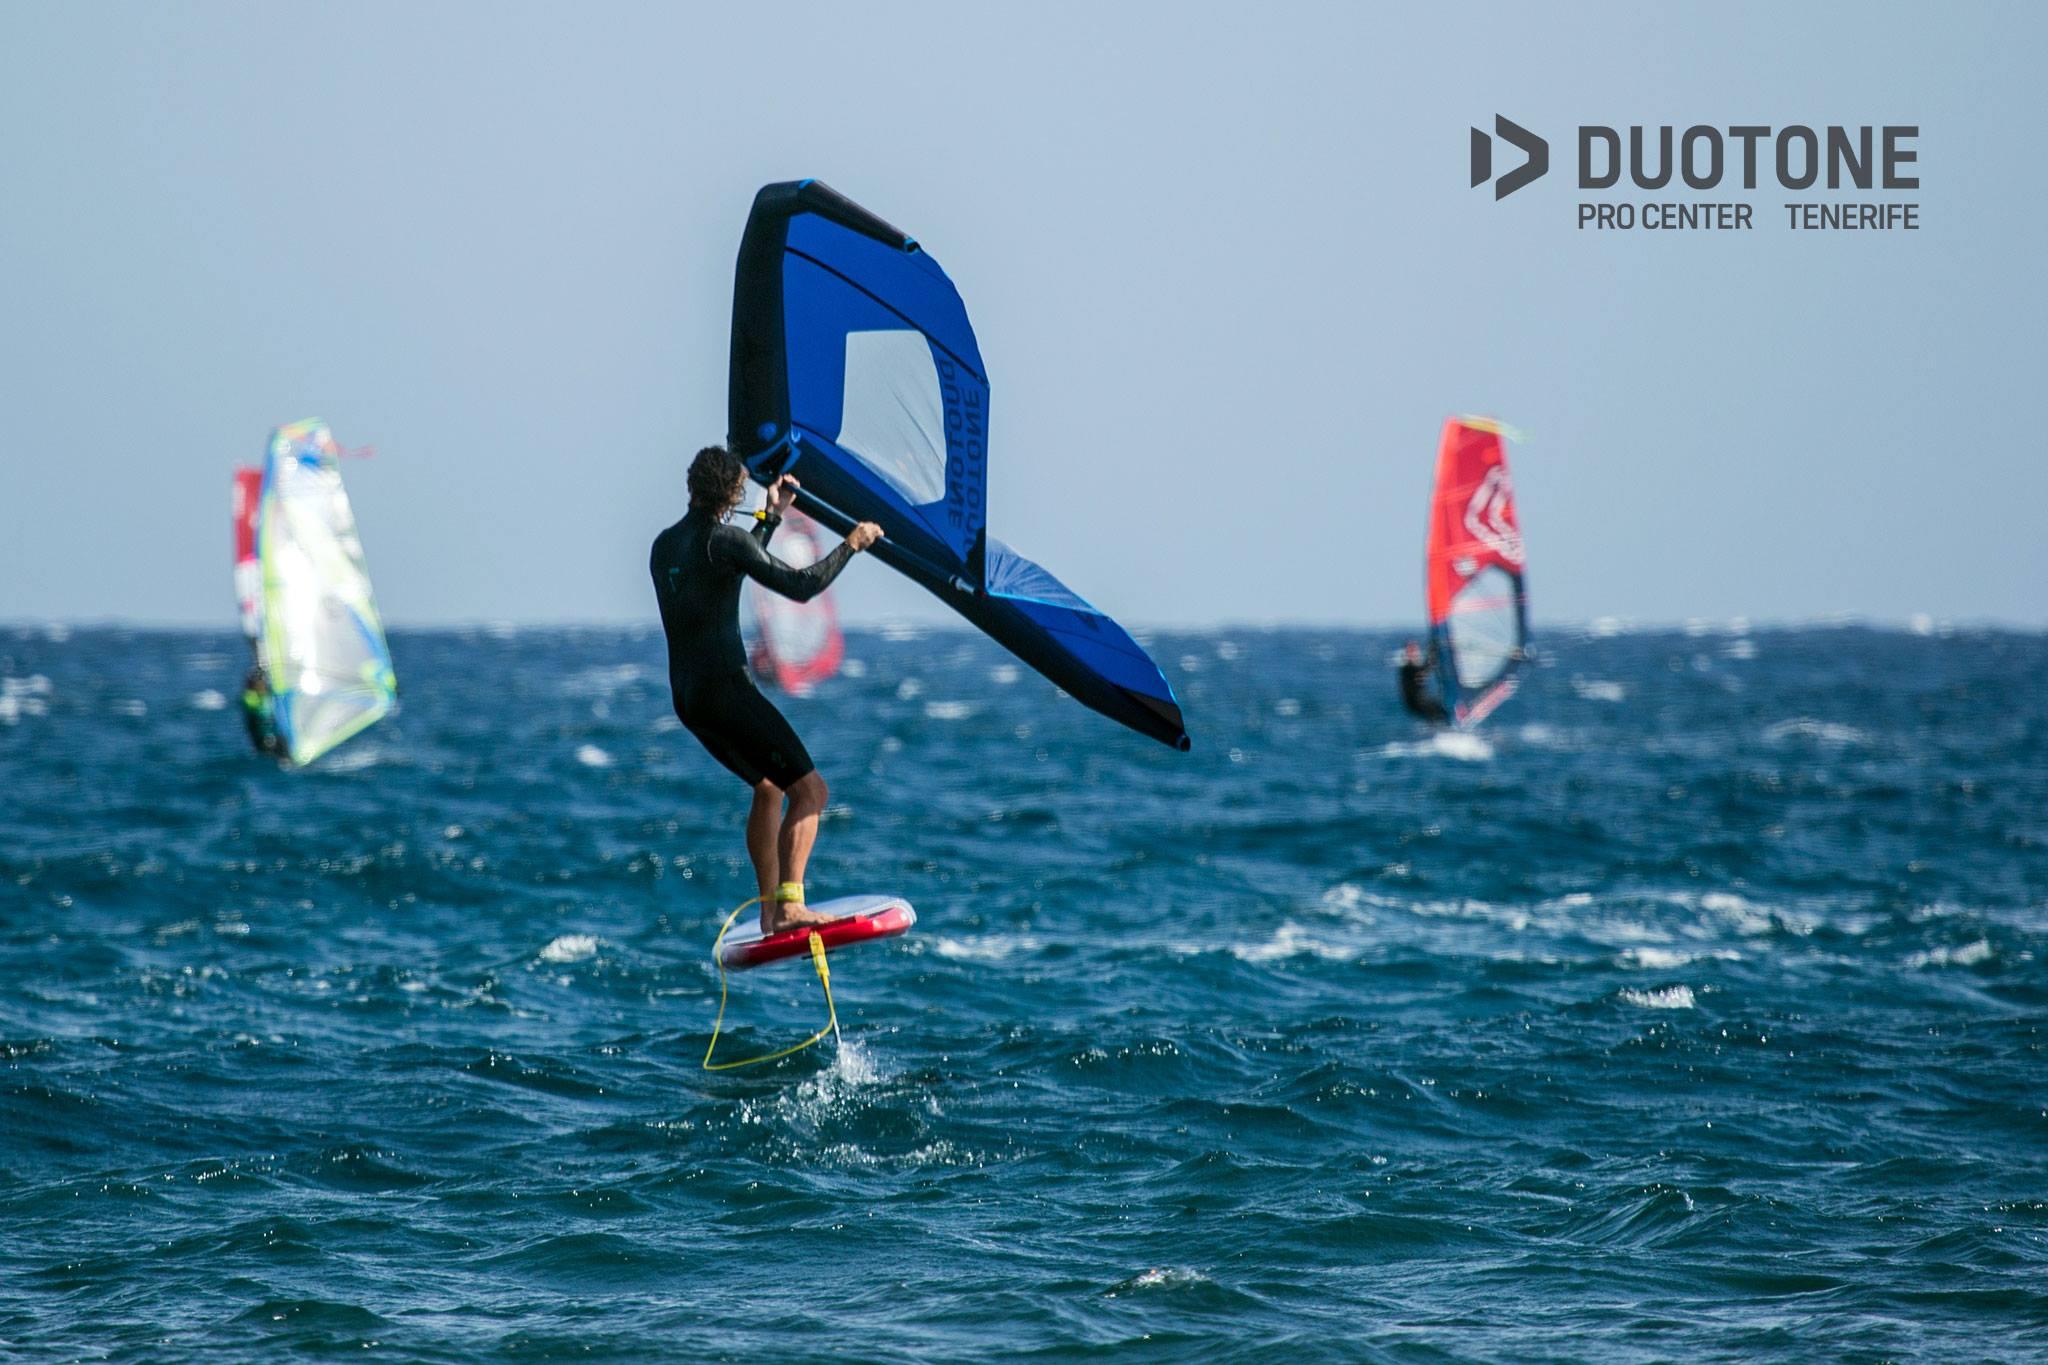 Wing foil - Duotone // strapless kitesurfing - Strapless Kitesurfing